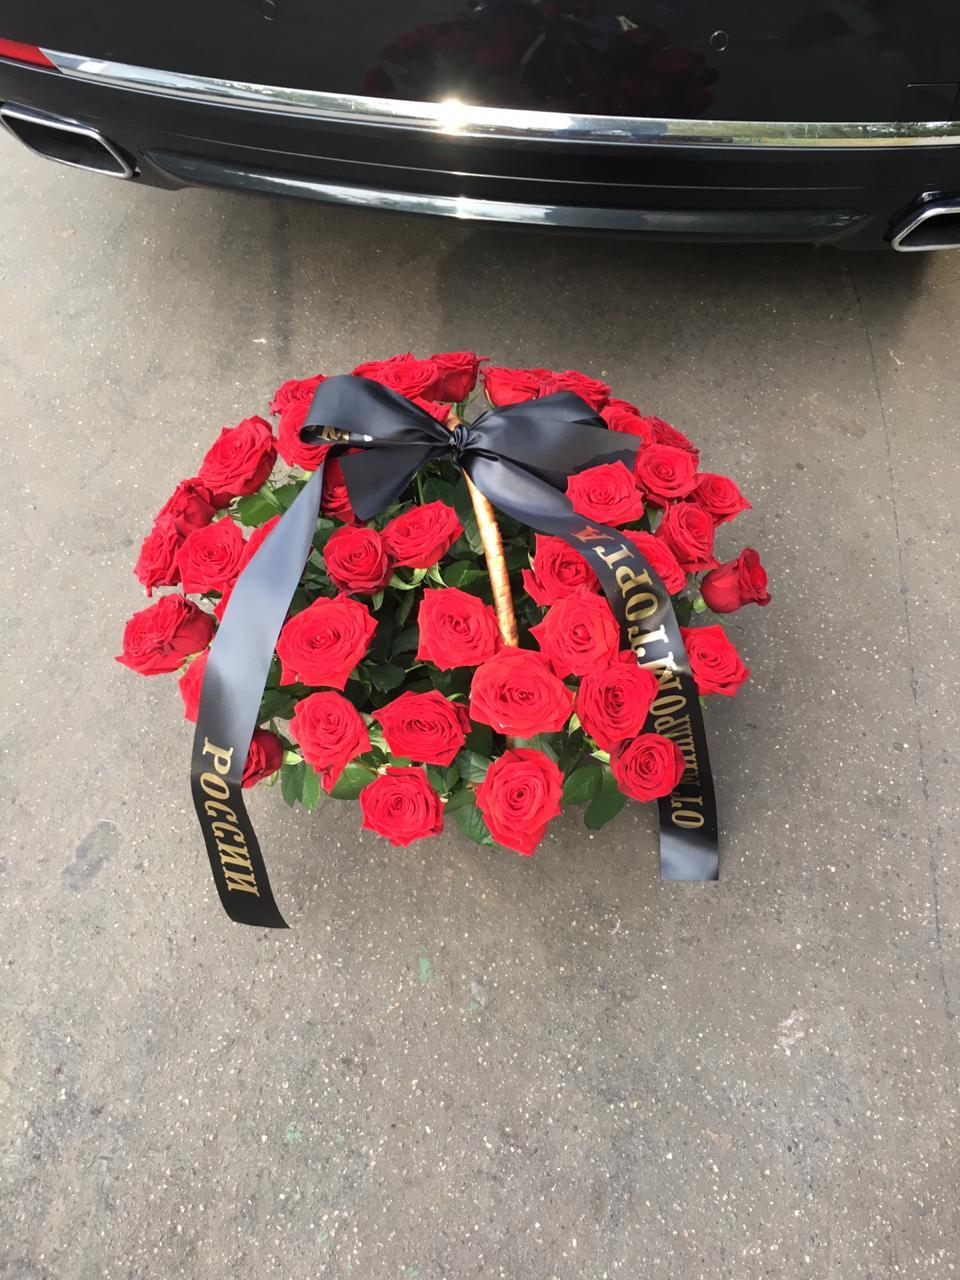 траурная корзина из 32 красных роз